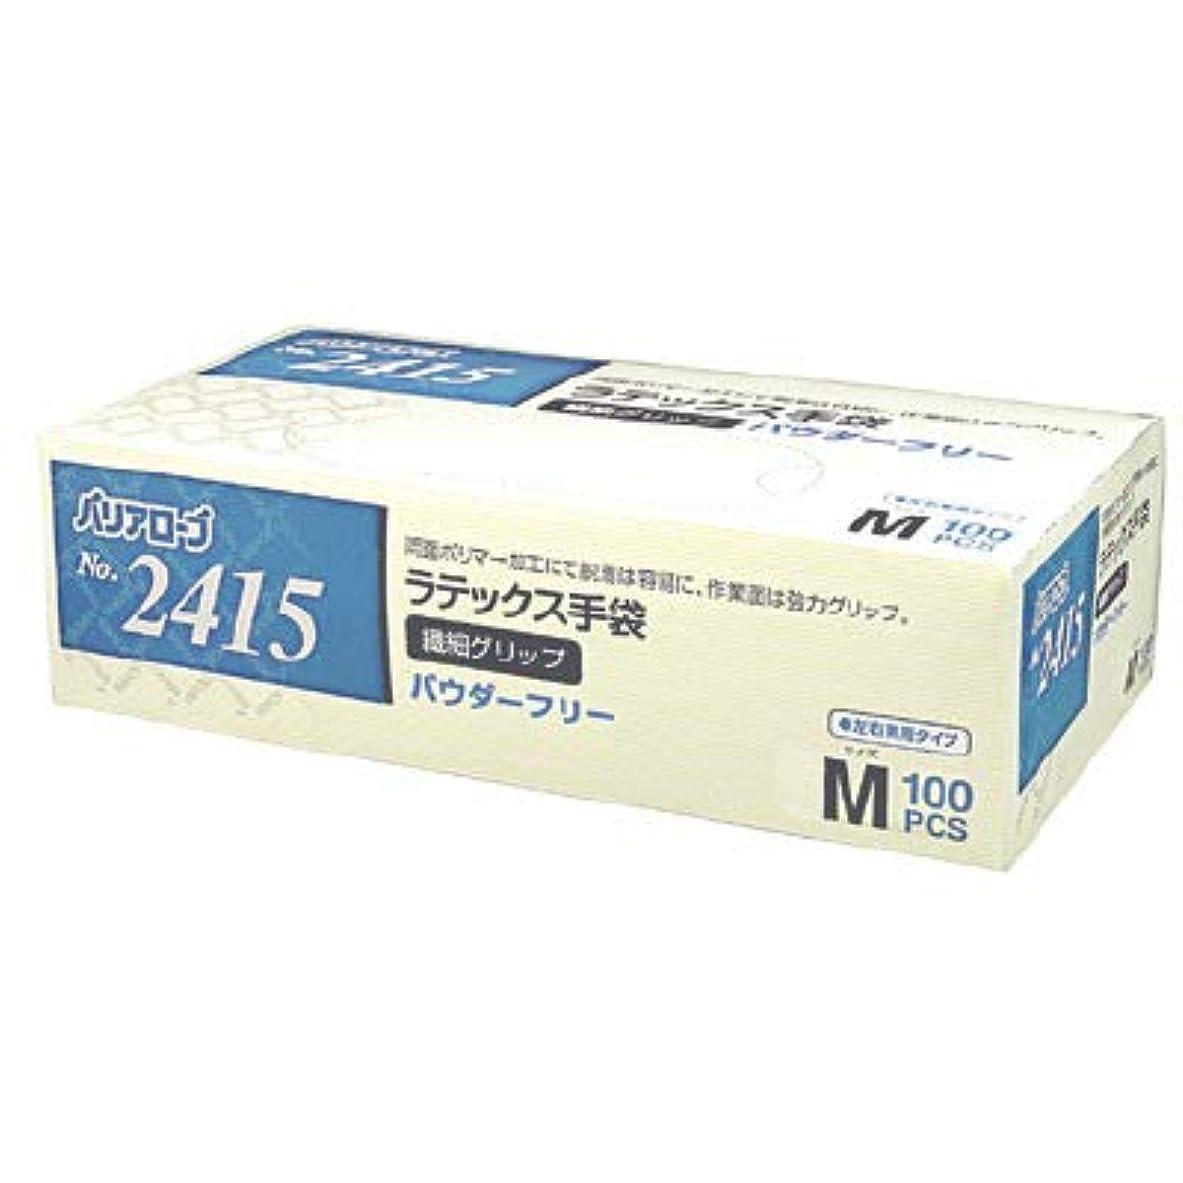 トラフィックゆるくバスト【ケース販売】 バリアローブ №2415 ラテックス手袋 繊細グリップ (パウダーフリー) M 2000枚(100枚×20箱)